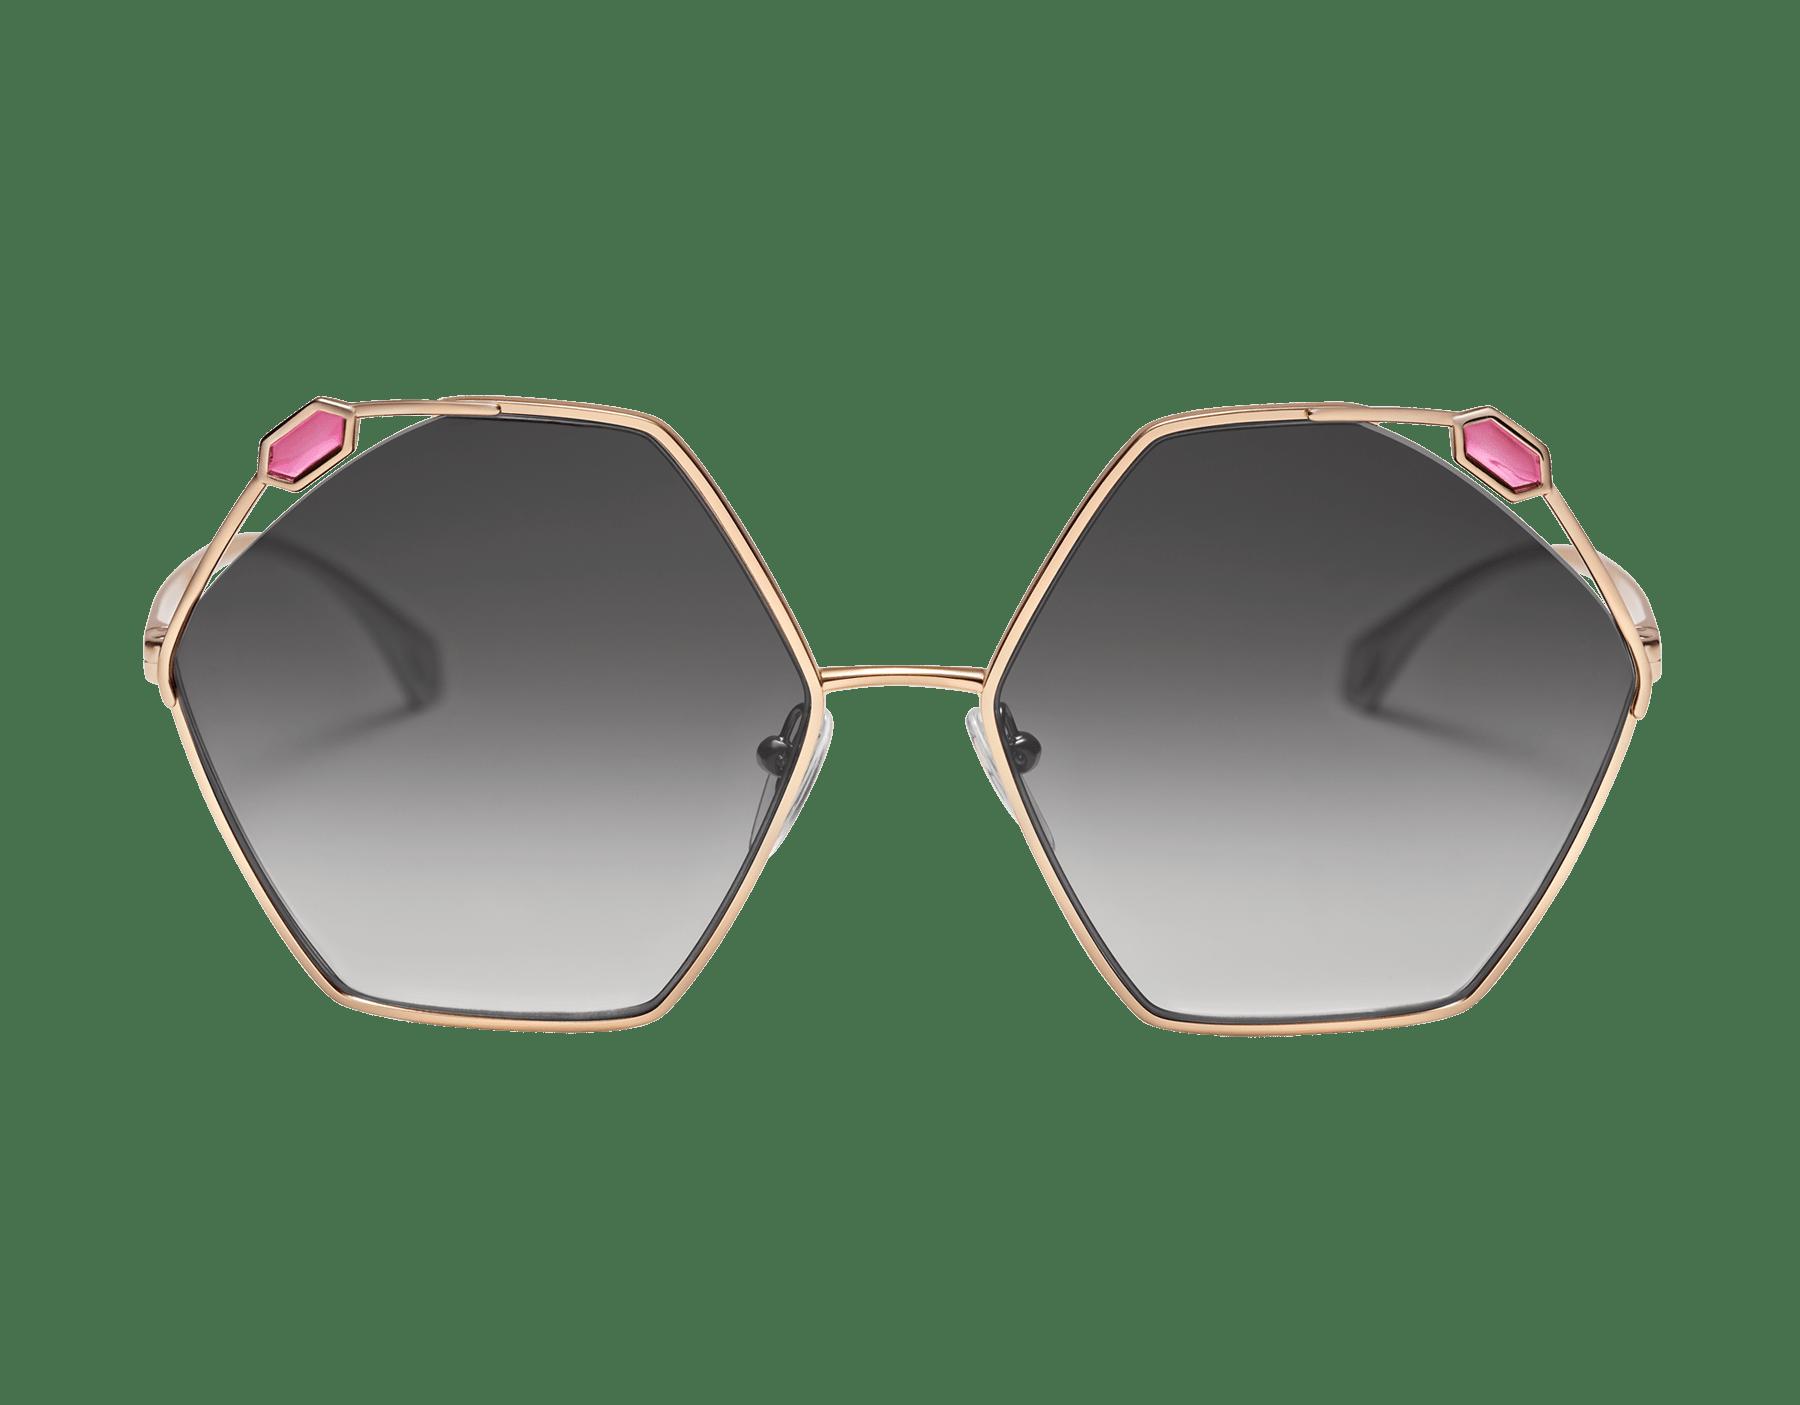 نظارات شمسية سيربنتي «ترو كولورز» معدنية سداسية الشكل 904067 image 2